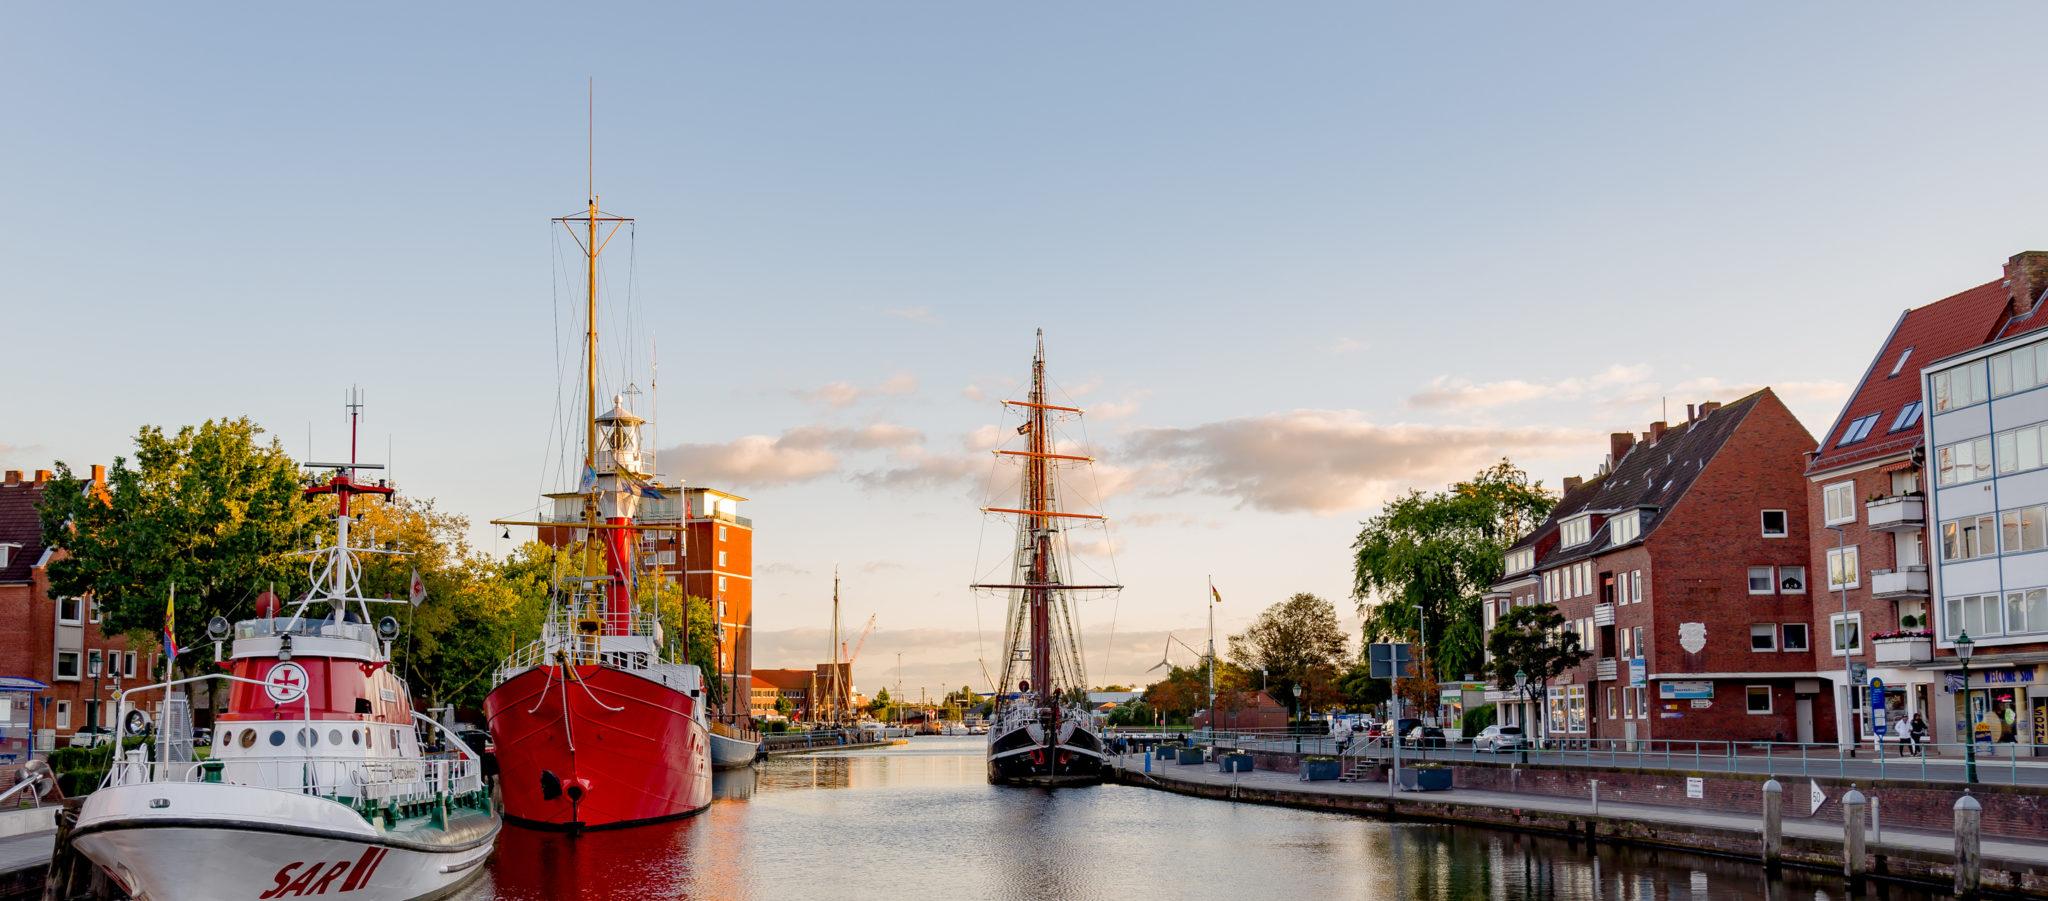 Haushaltsauflösung und Entrümpelung in Emden